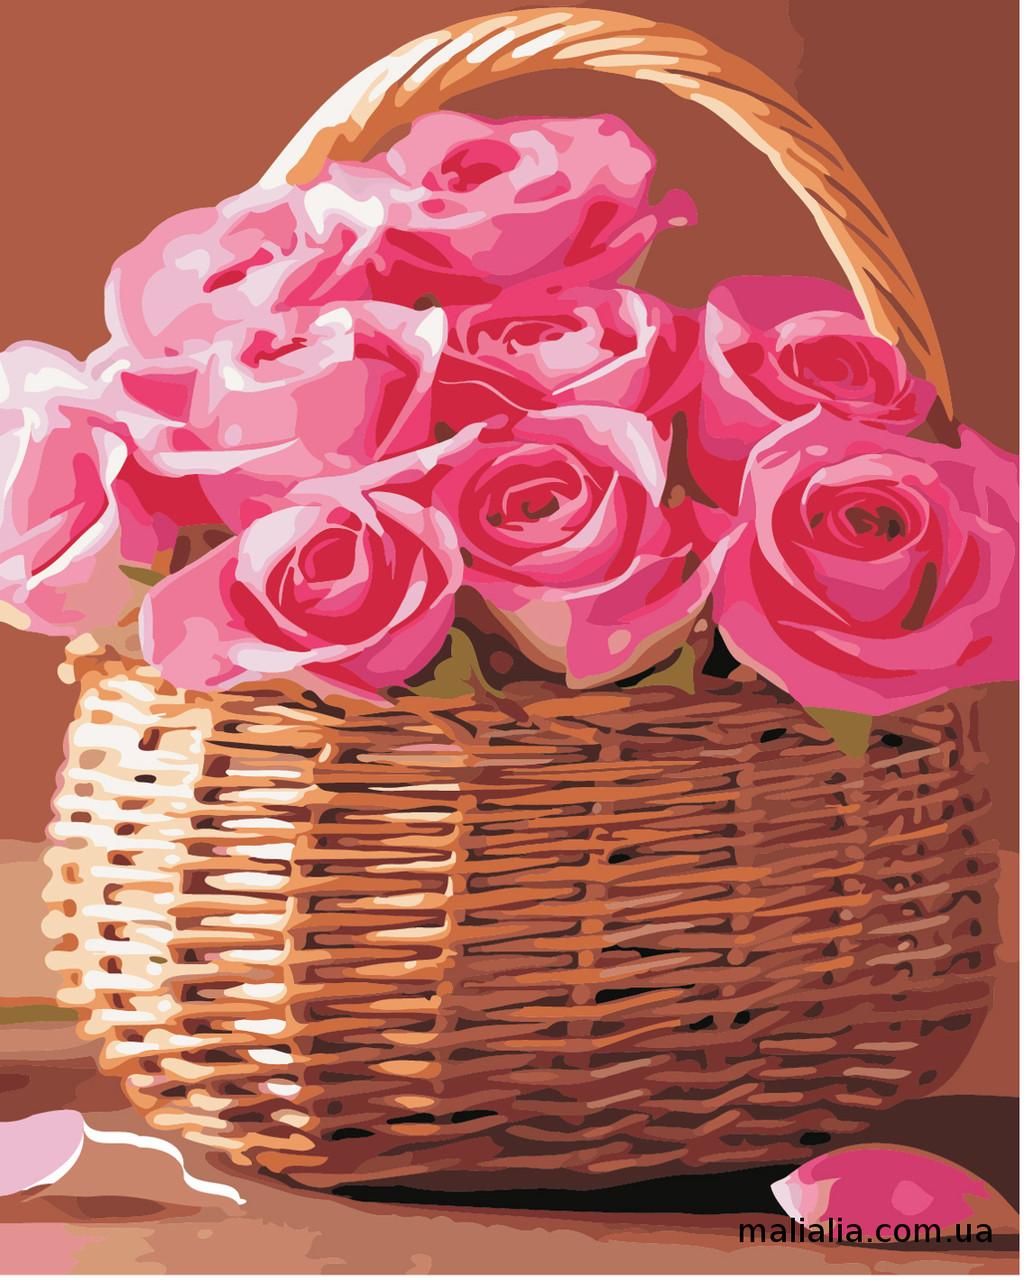 Картины по номерам 40*50 см В КОРОБКЕ Розы в корзинке Artstory